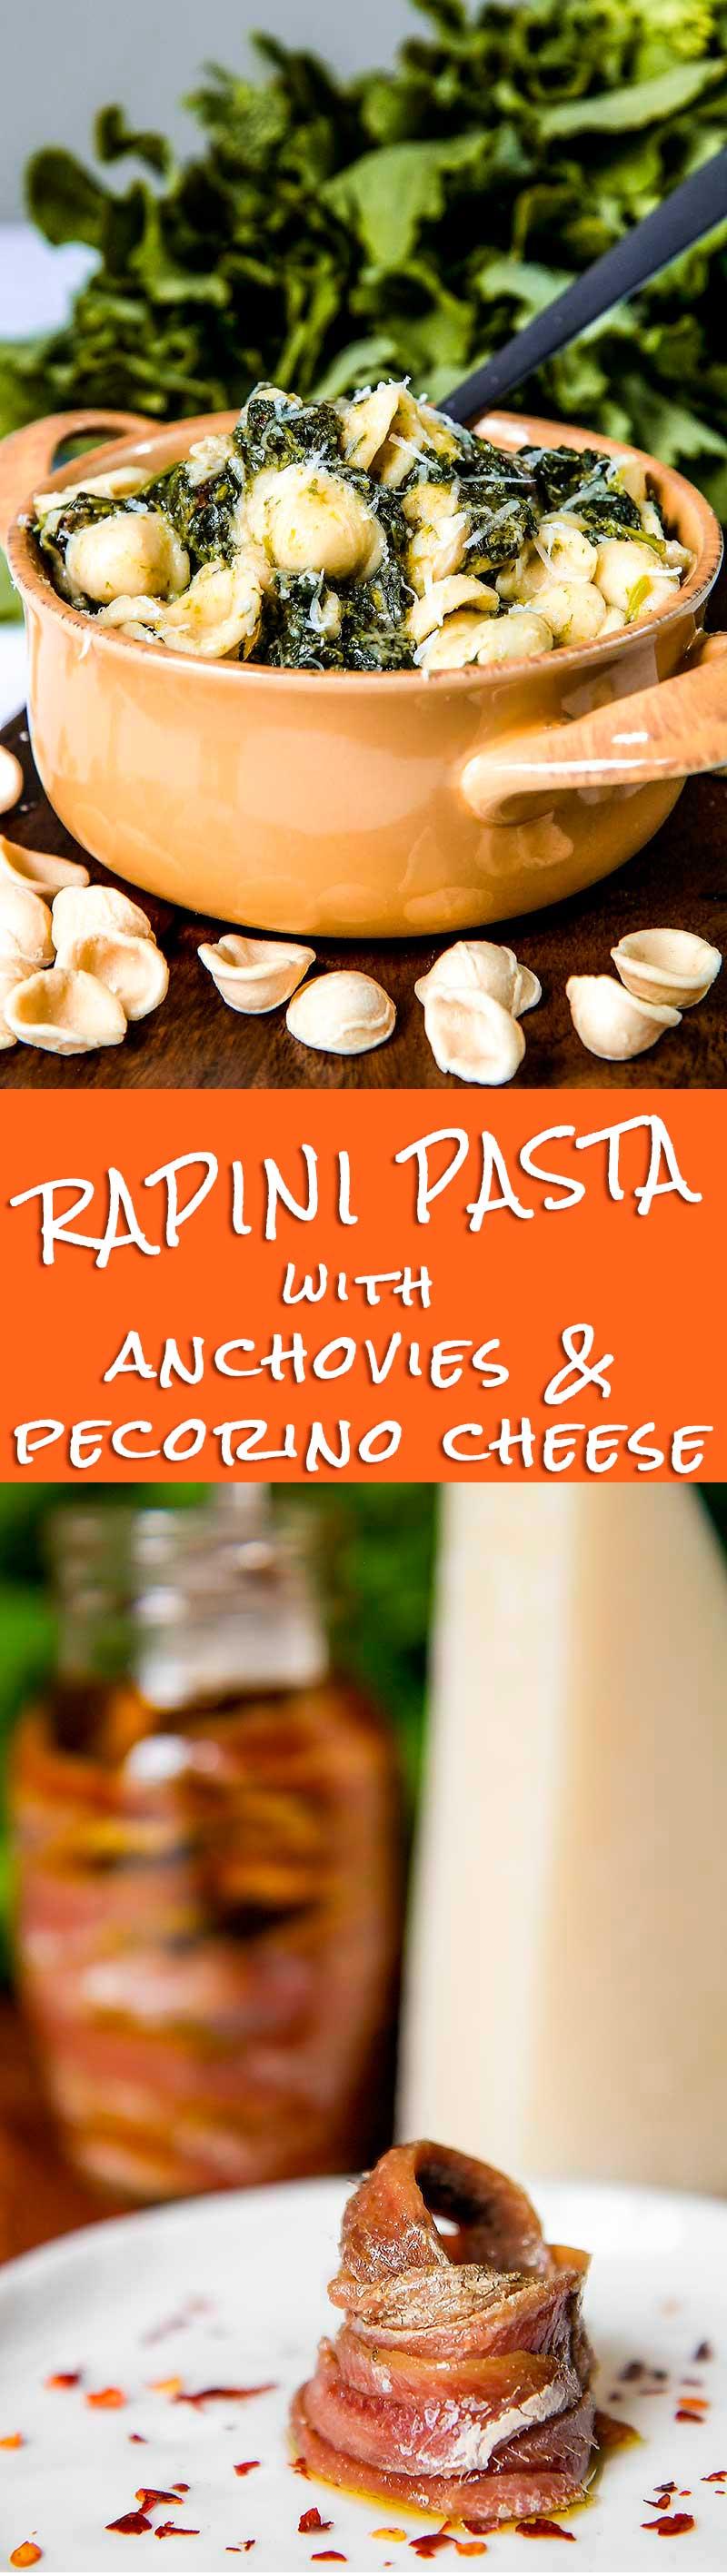 orecchiette with rapini and anchovies